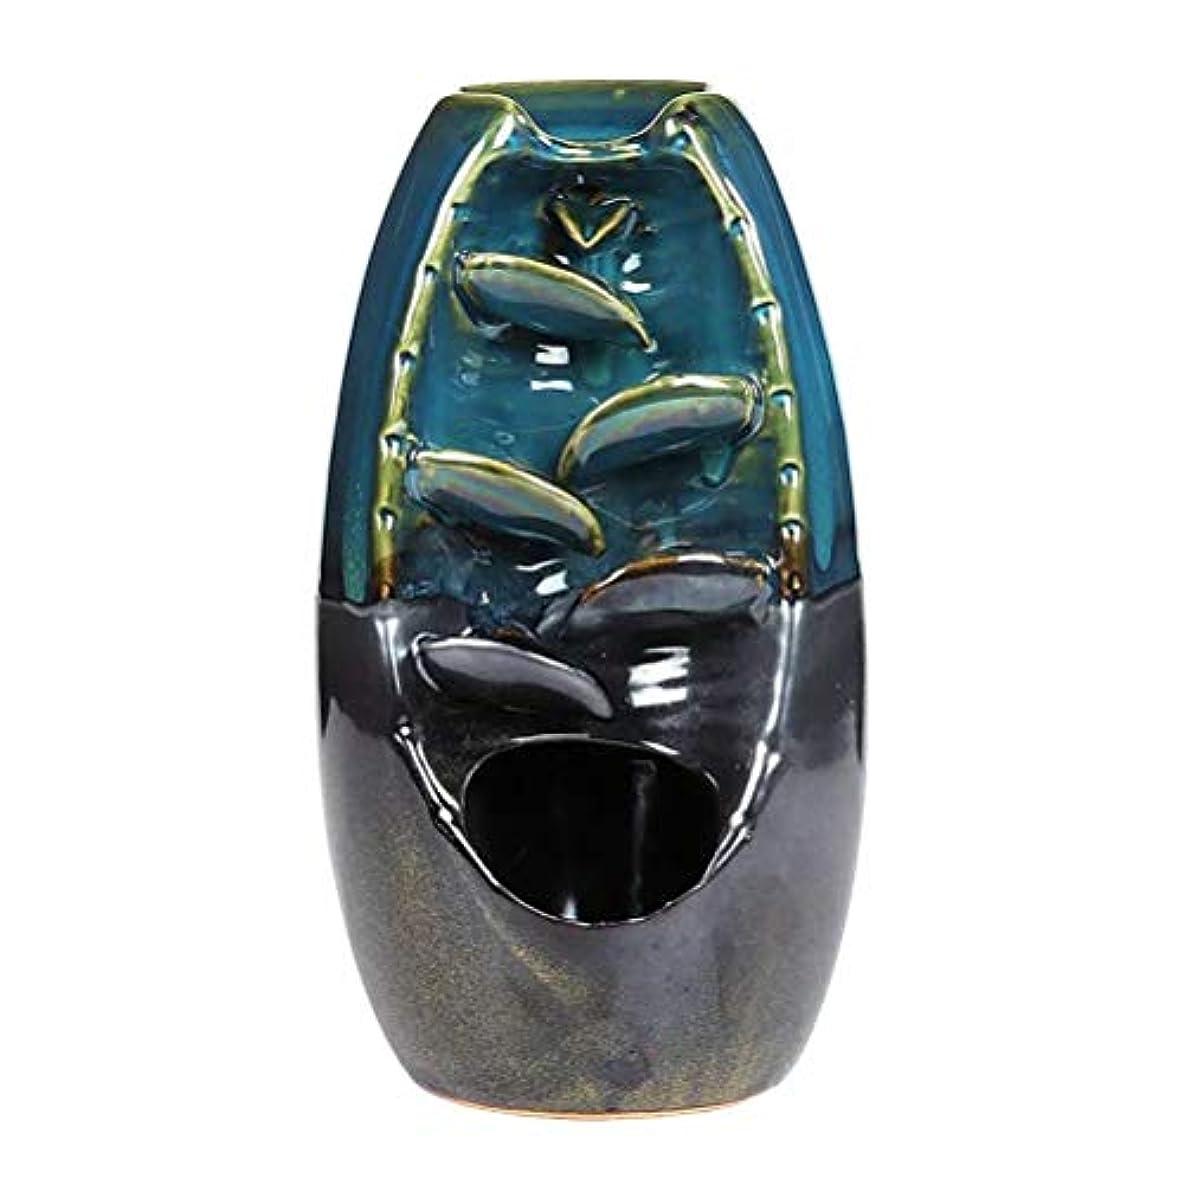 見込み思慮のない公園Vosarea 逆流香バーナー滝香ホルダーアロマ飾り仏教用品(青)